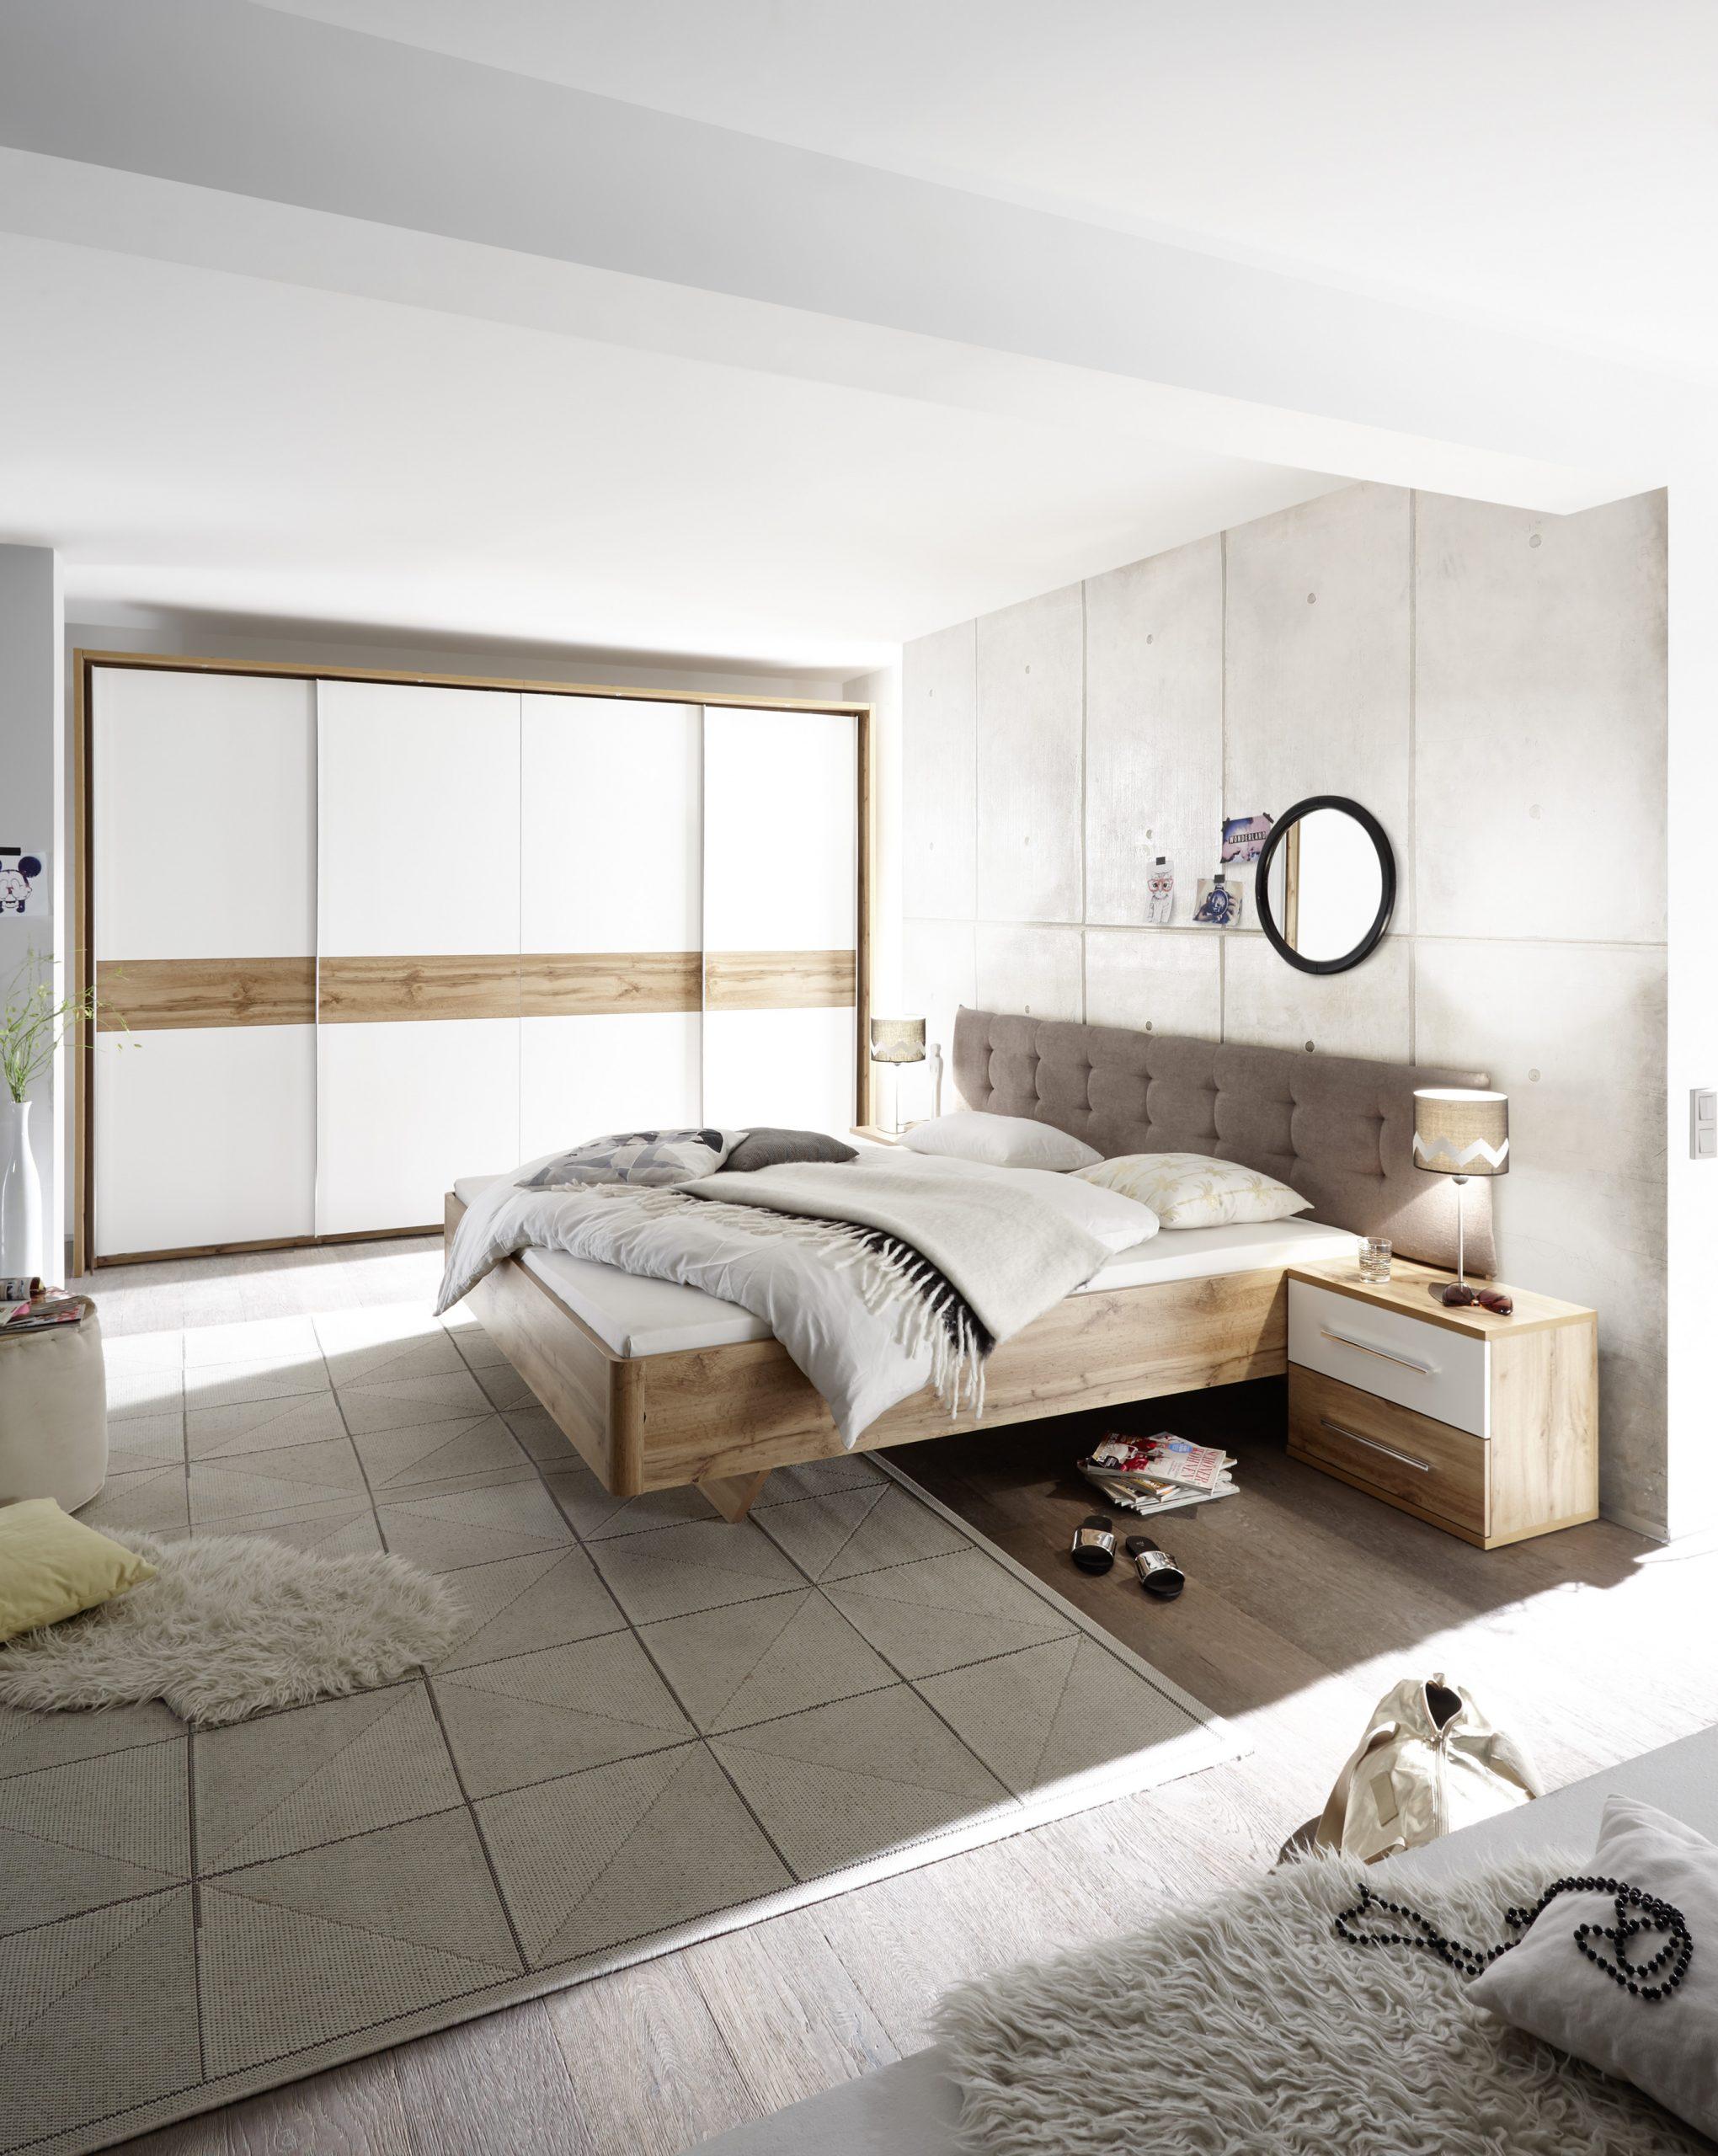 Full Size of Bett Weiß 100x200 Schlafzimmer Komplett Set 5 Tlg Bergamo 180 Kleiderschrank 120x200 Mit Matratze Und Lattenrost Betten Aufbewahrung Bettkasten Krankenhaus Bett Bett Weiß 100x200